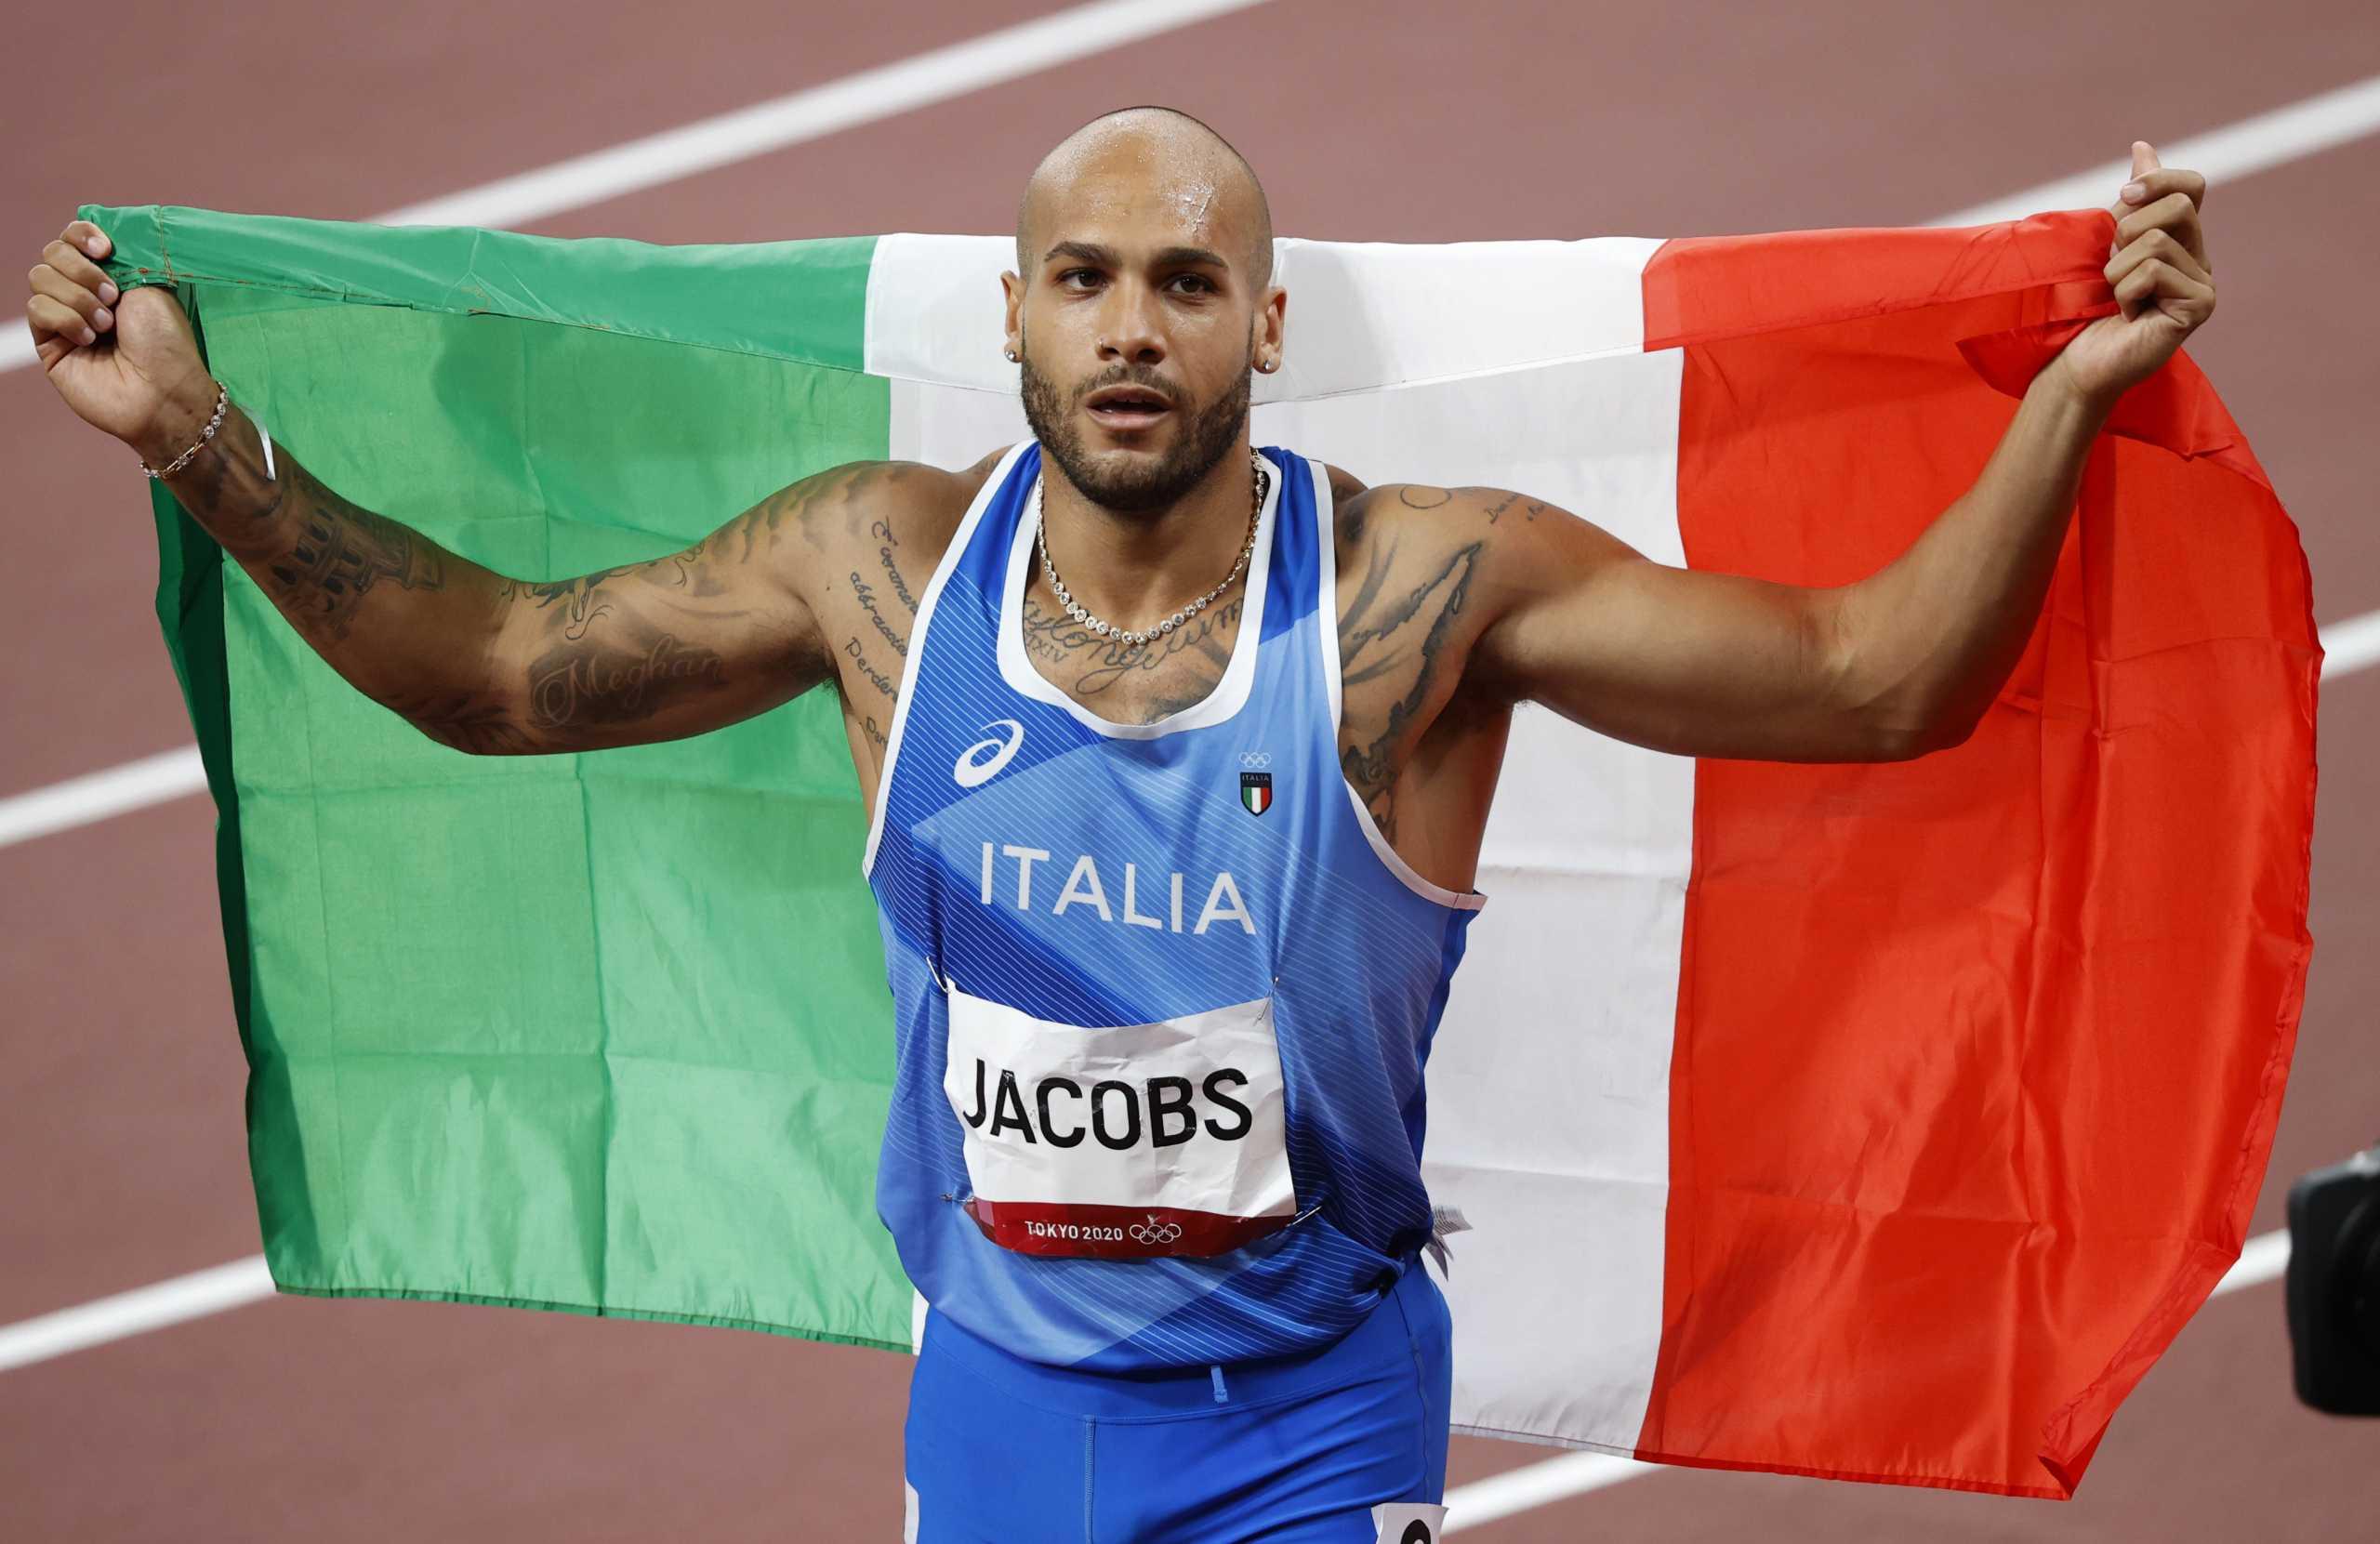 Ολυμπιακοί Αγώνες: Σημαιοφόρος της Ιταλίας ο Τζέικομπς στην τελετή λήξης